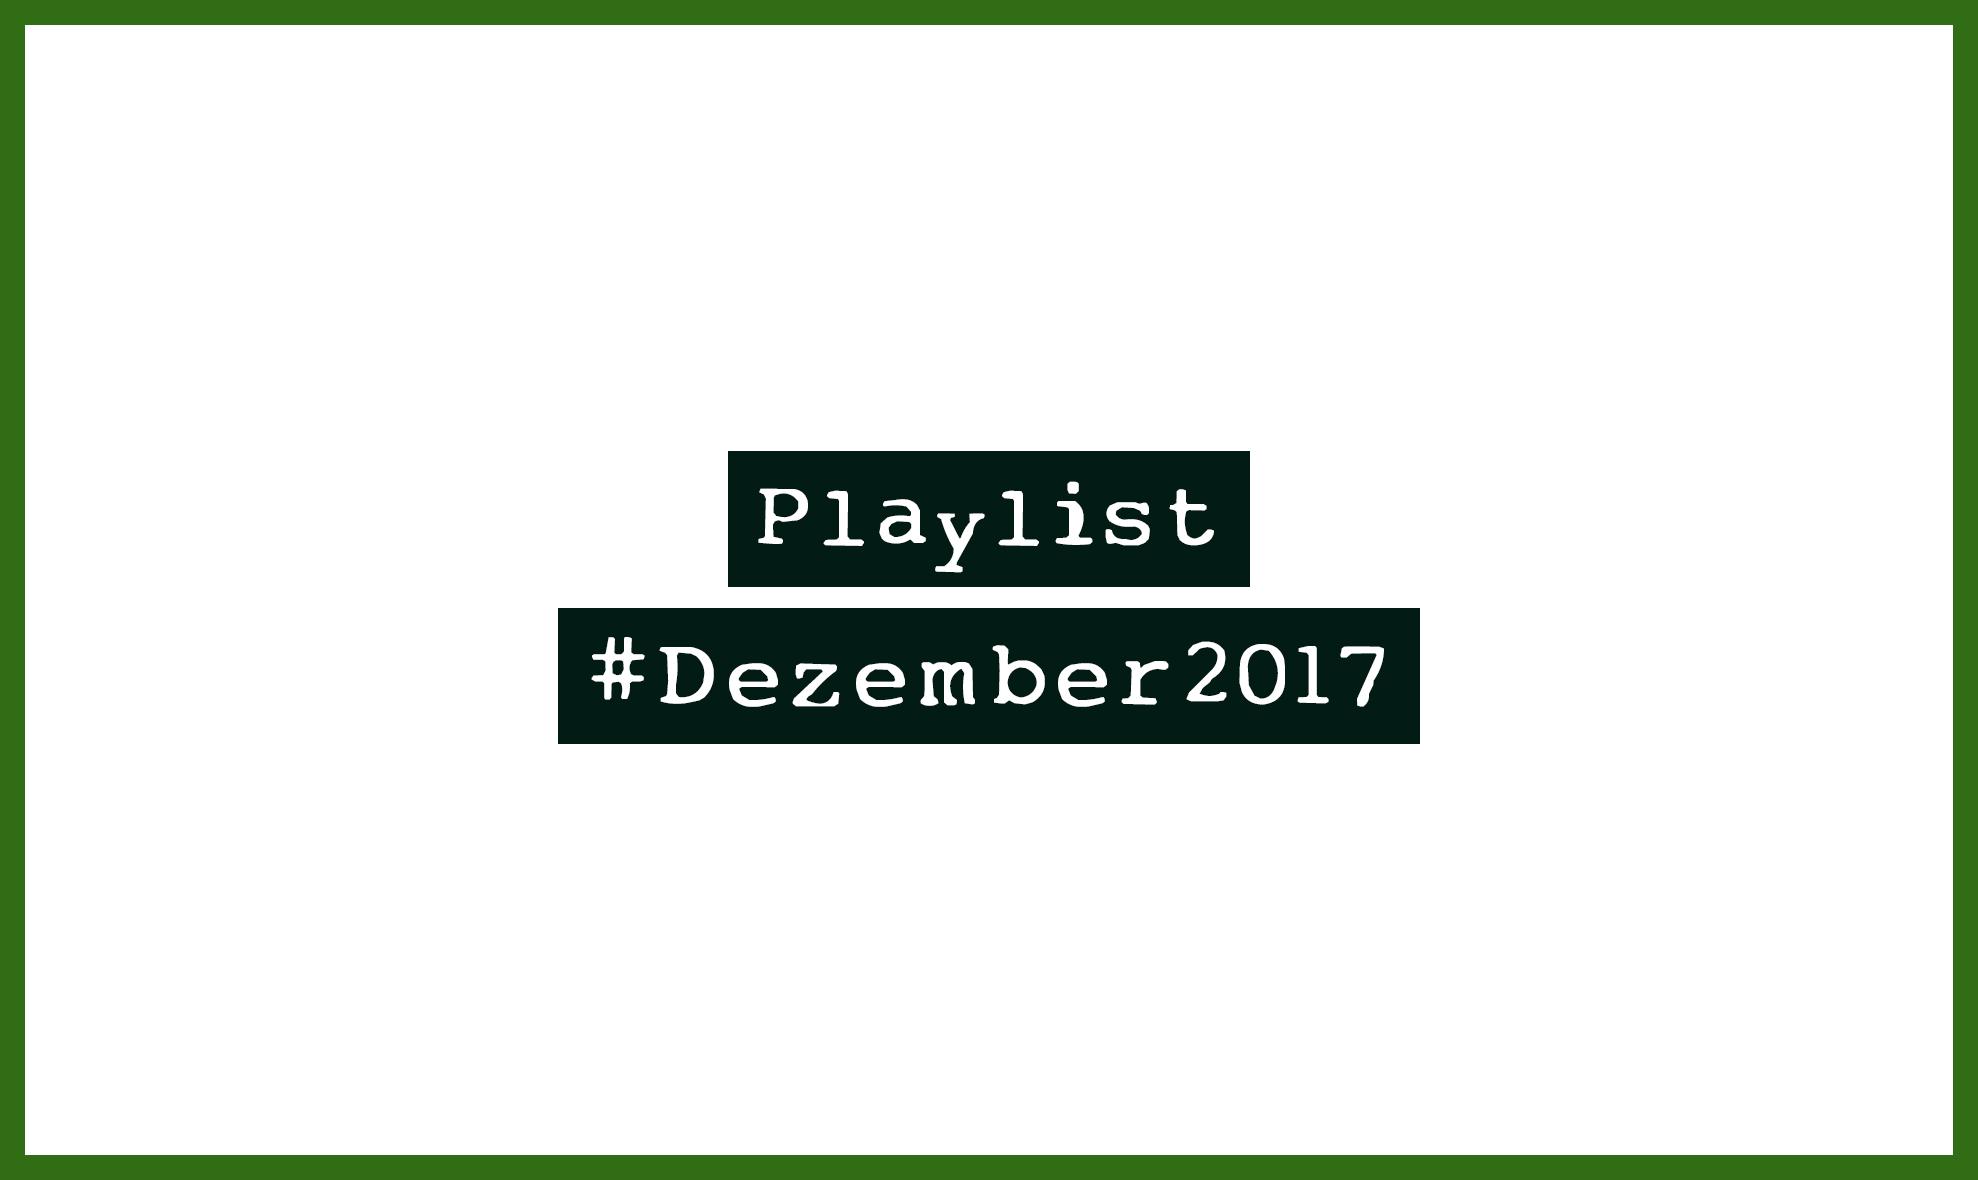 #Dezember2017